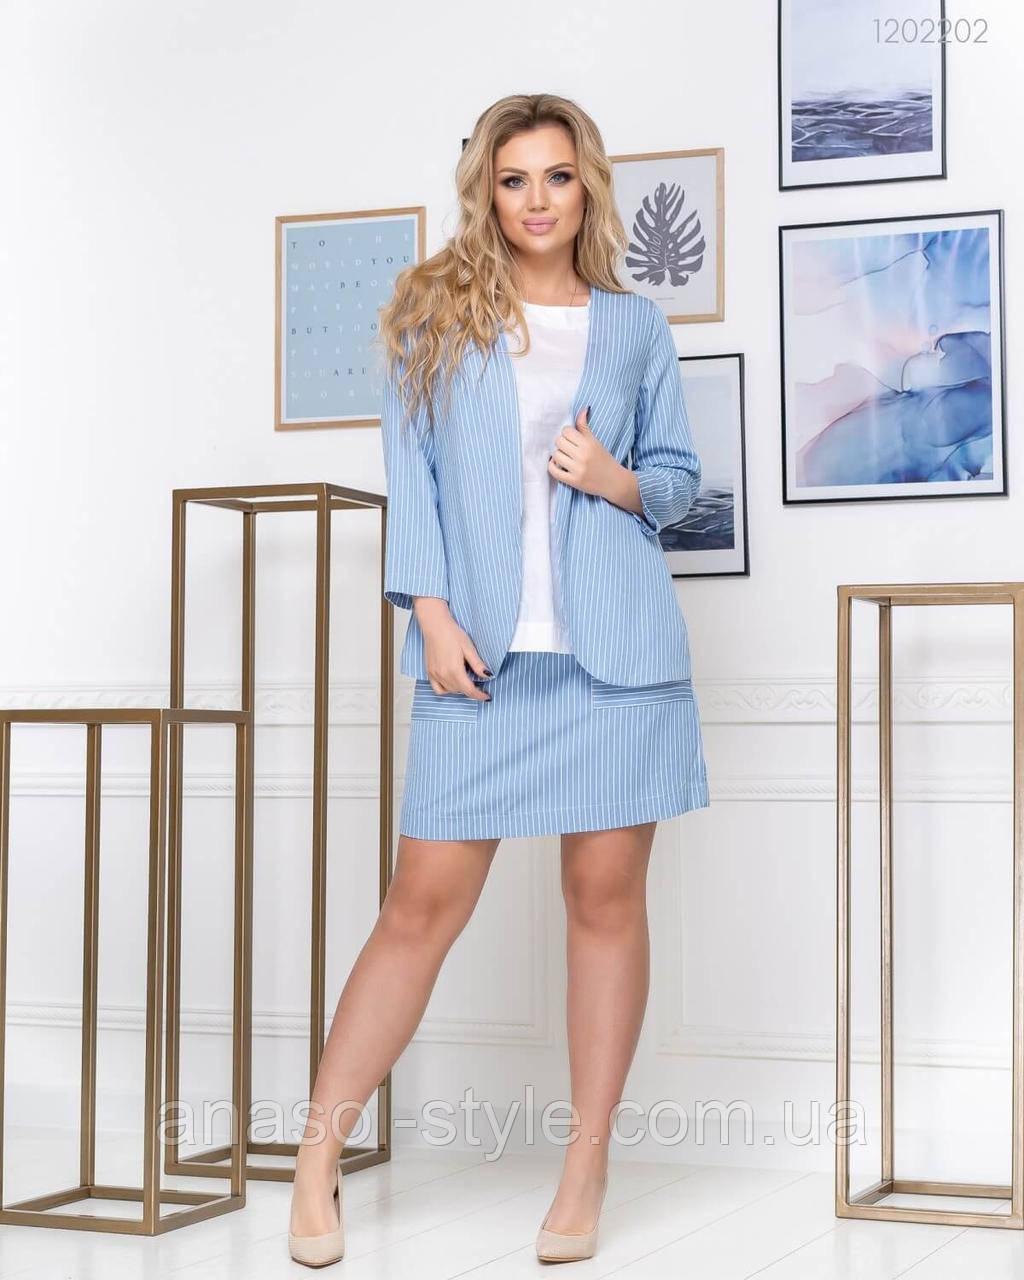 Женский костюм Шикотан жакет и шорты больших размеров голубой